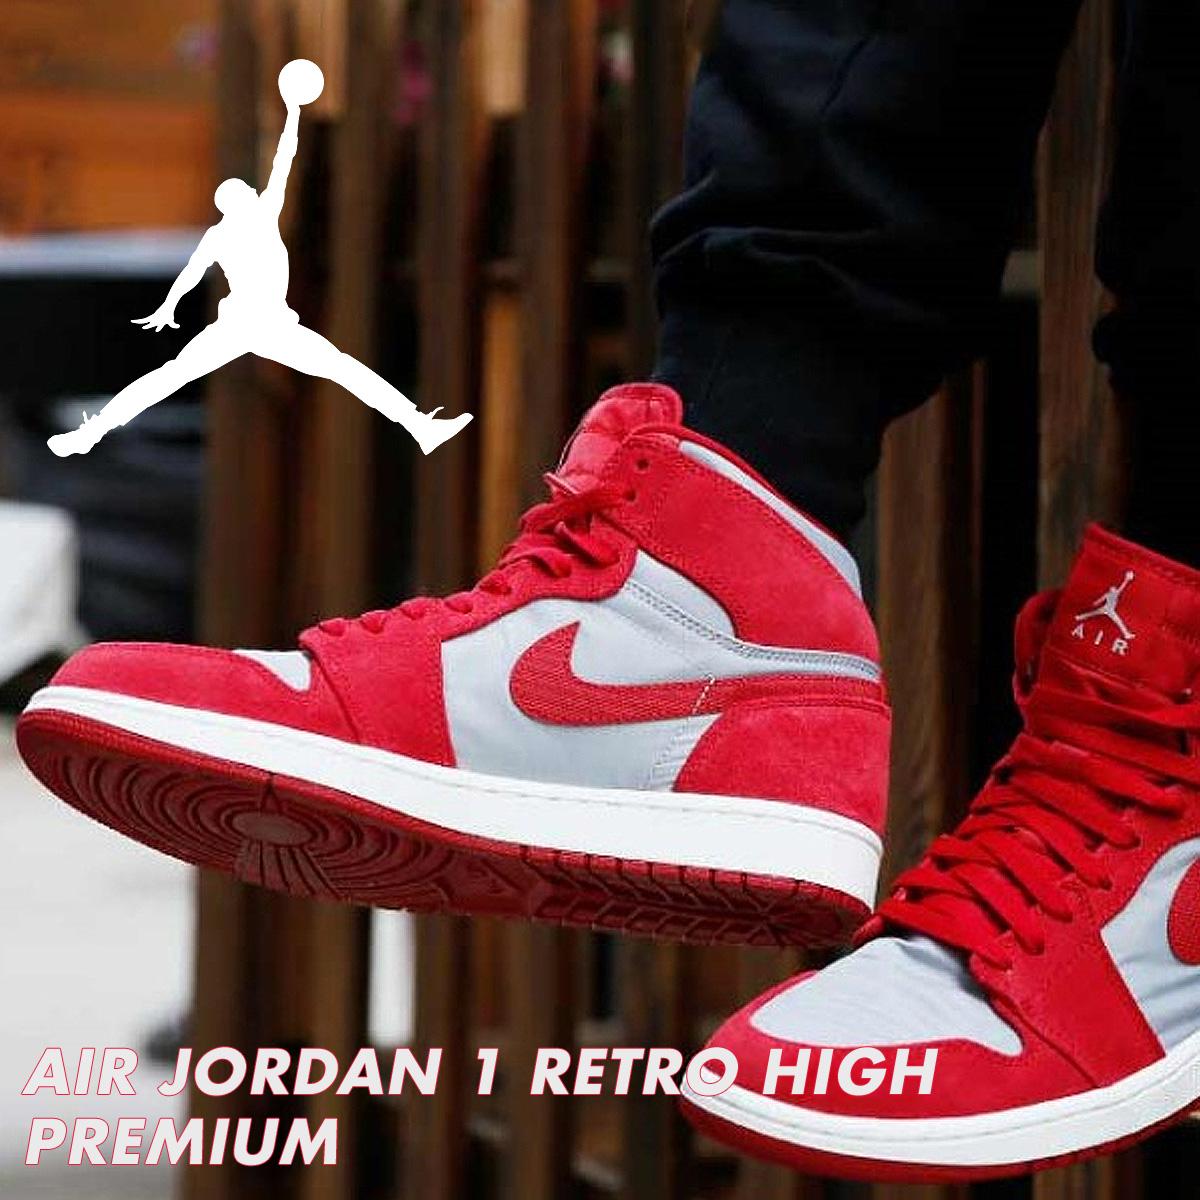 0ab936a7ec280c NIKE AIR JORDAN 1 RETRO HIGH PREMIUM Nike Air Jordan 1 nostalgic high  sneakers AA3993-601 men shoes red  10 16 Shinnyu load   1710